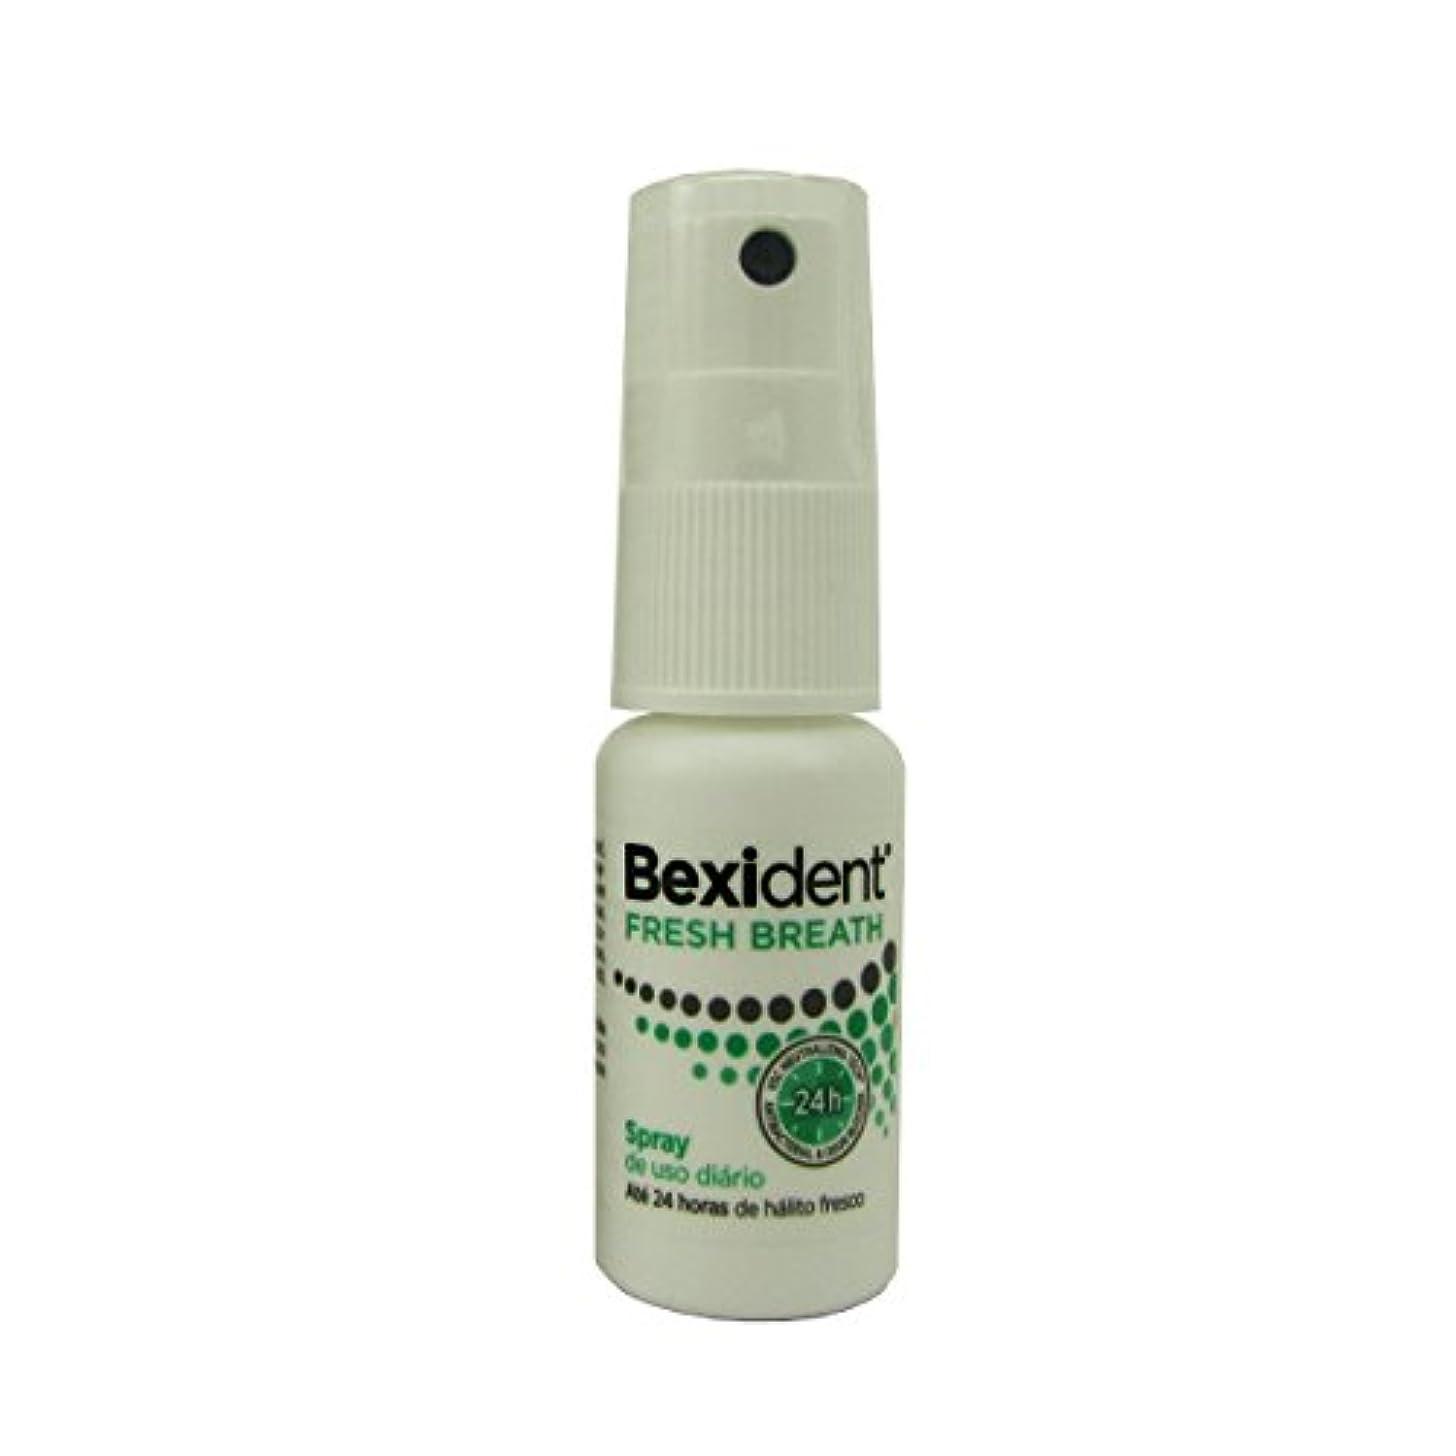 効果的障害バーチャルBexident Fresh Breath Spray 15ml [並行輸入品]